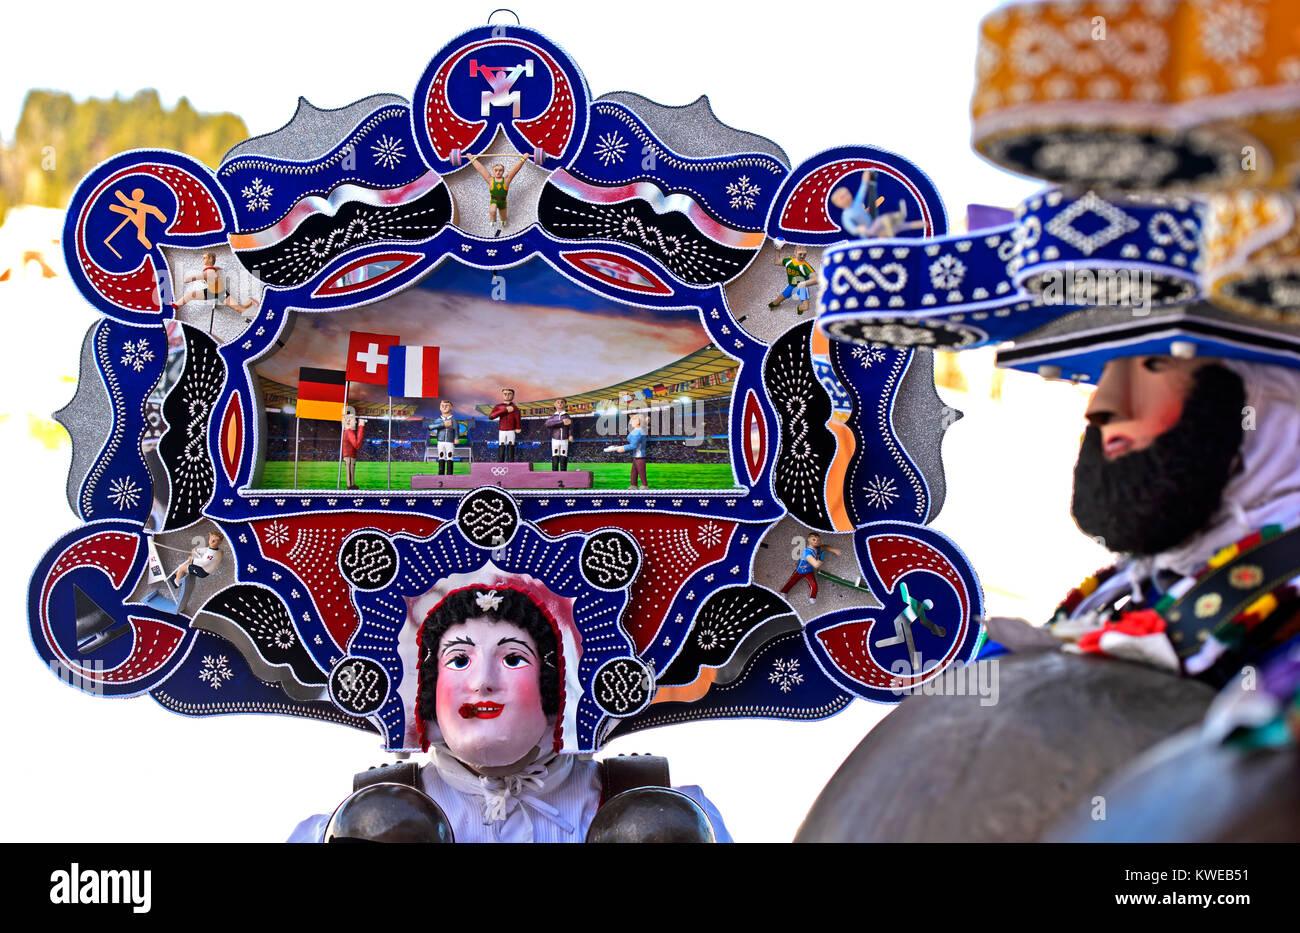 Eine schöne Chlaus mit verzierten bestickte Kopfbedeckungen, Hl. Silvester kukeri, Alte Sylvester, Urnäsch, Stockbild